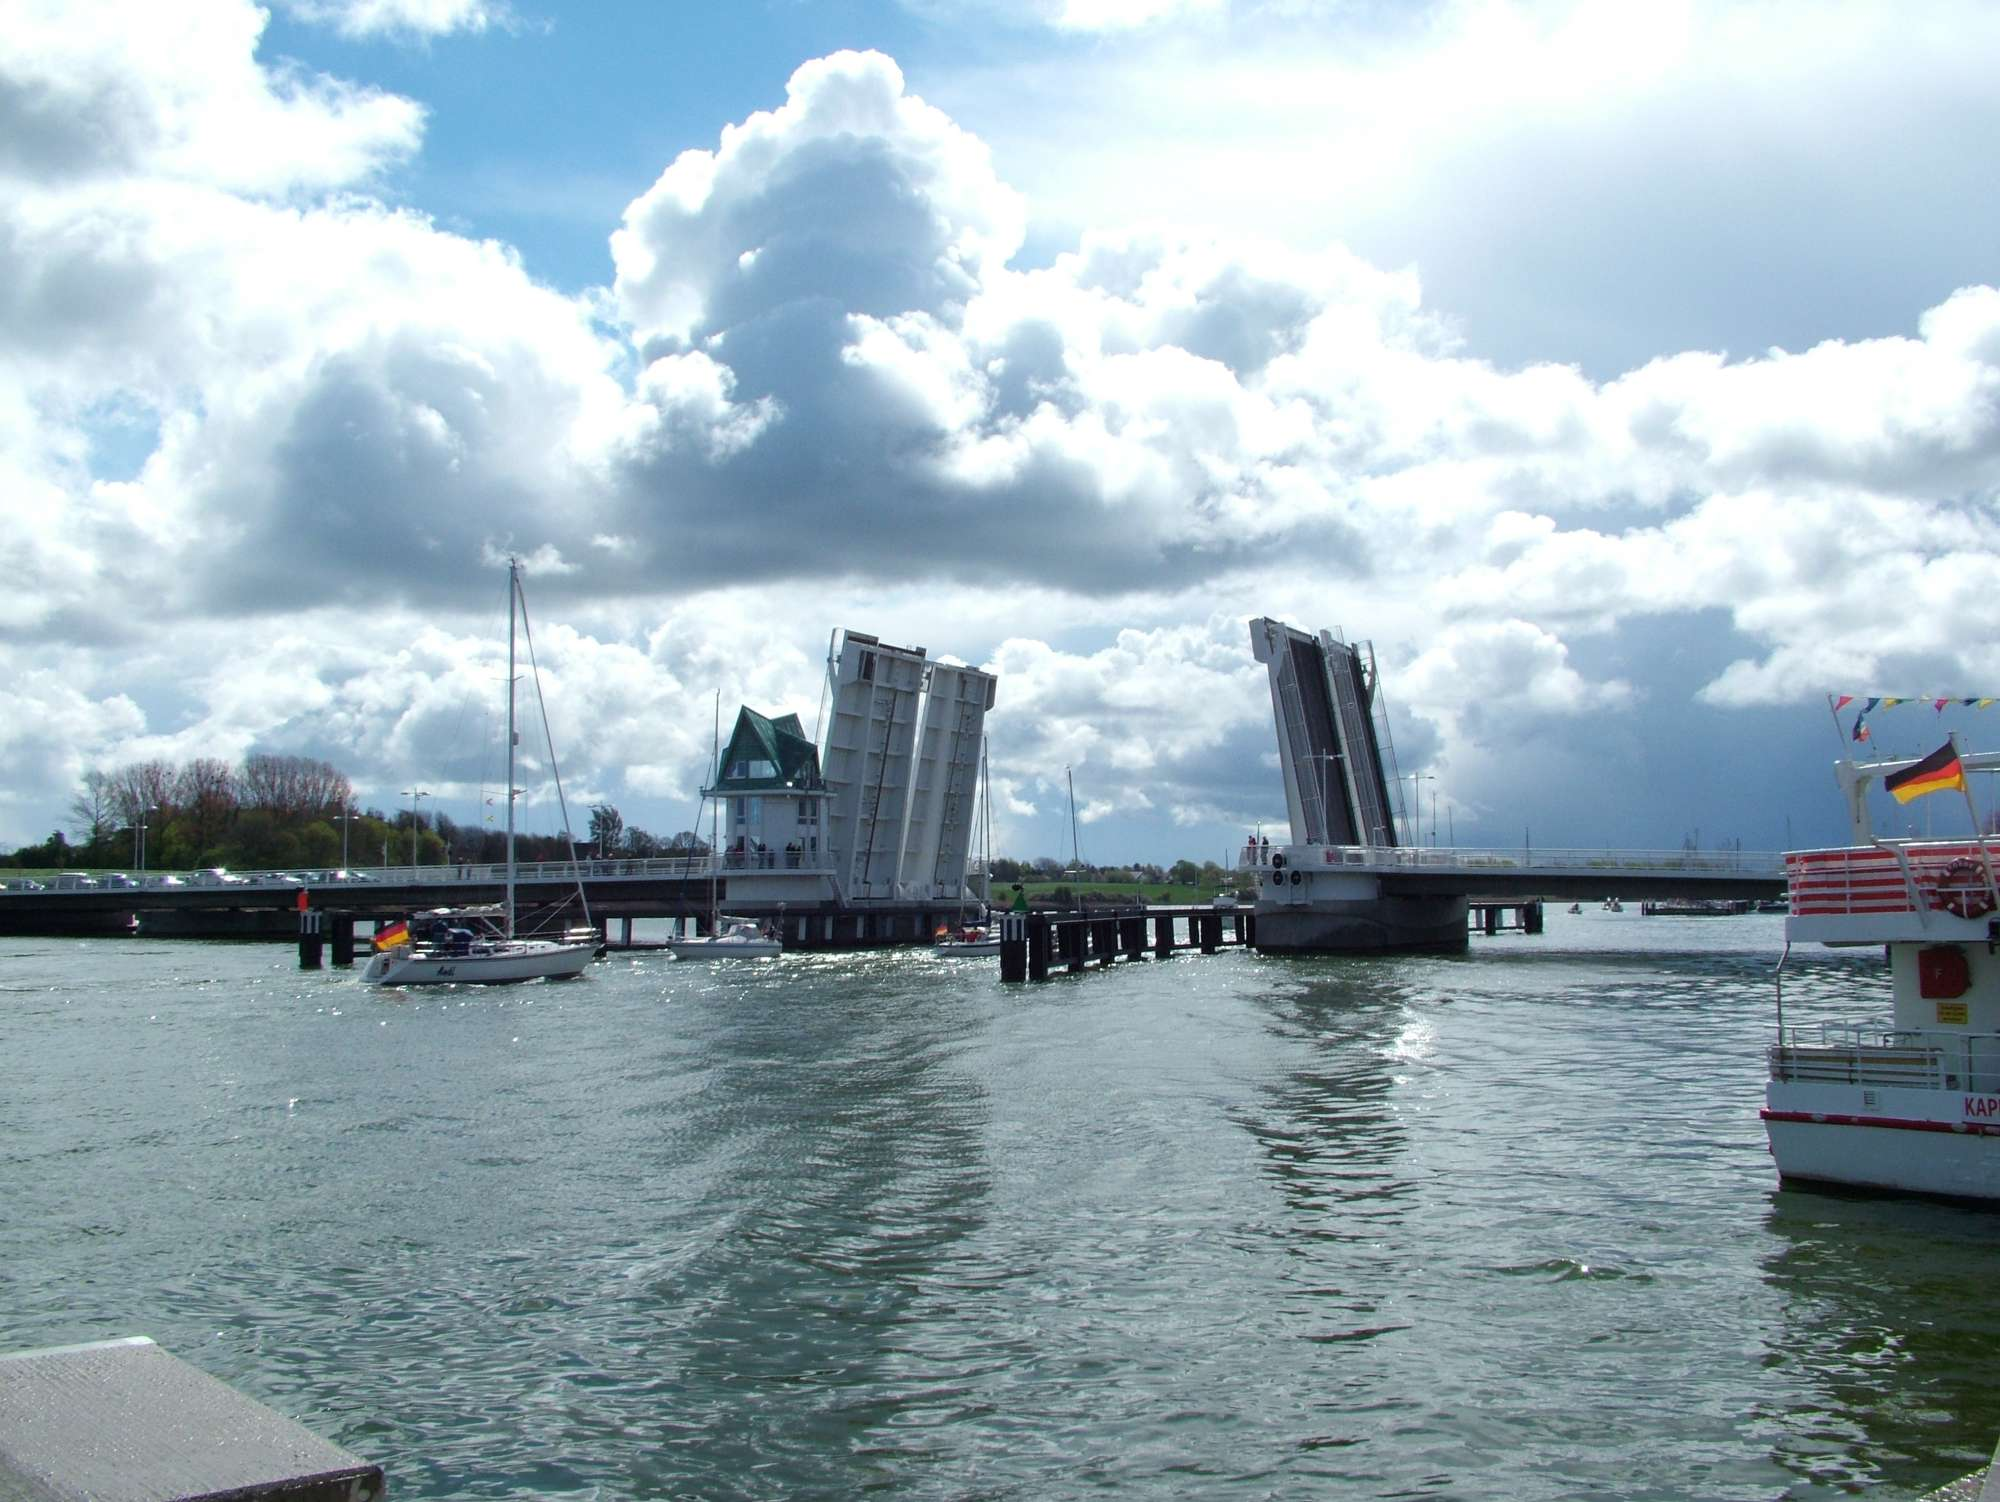 Urlaub an Ostsee und Schlei - Klappbrücke bei Kappeln